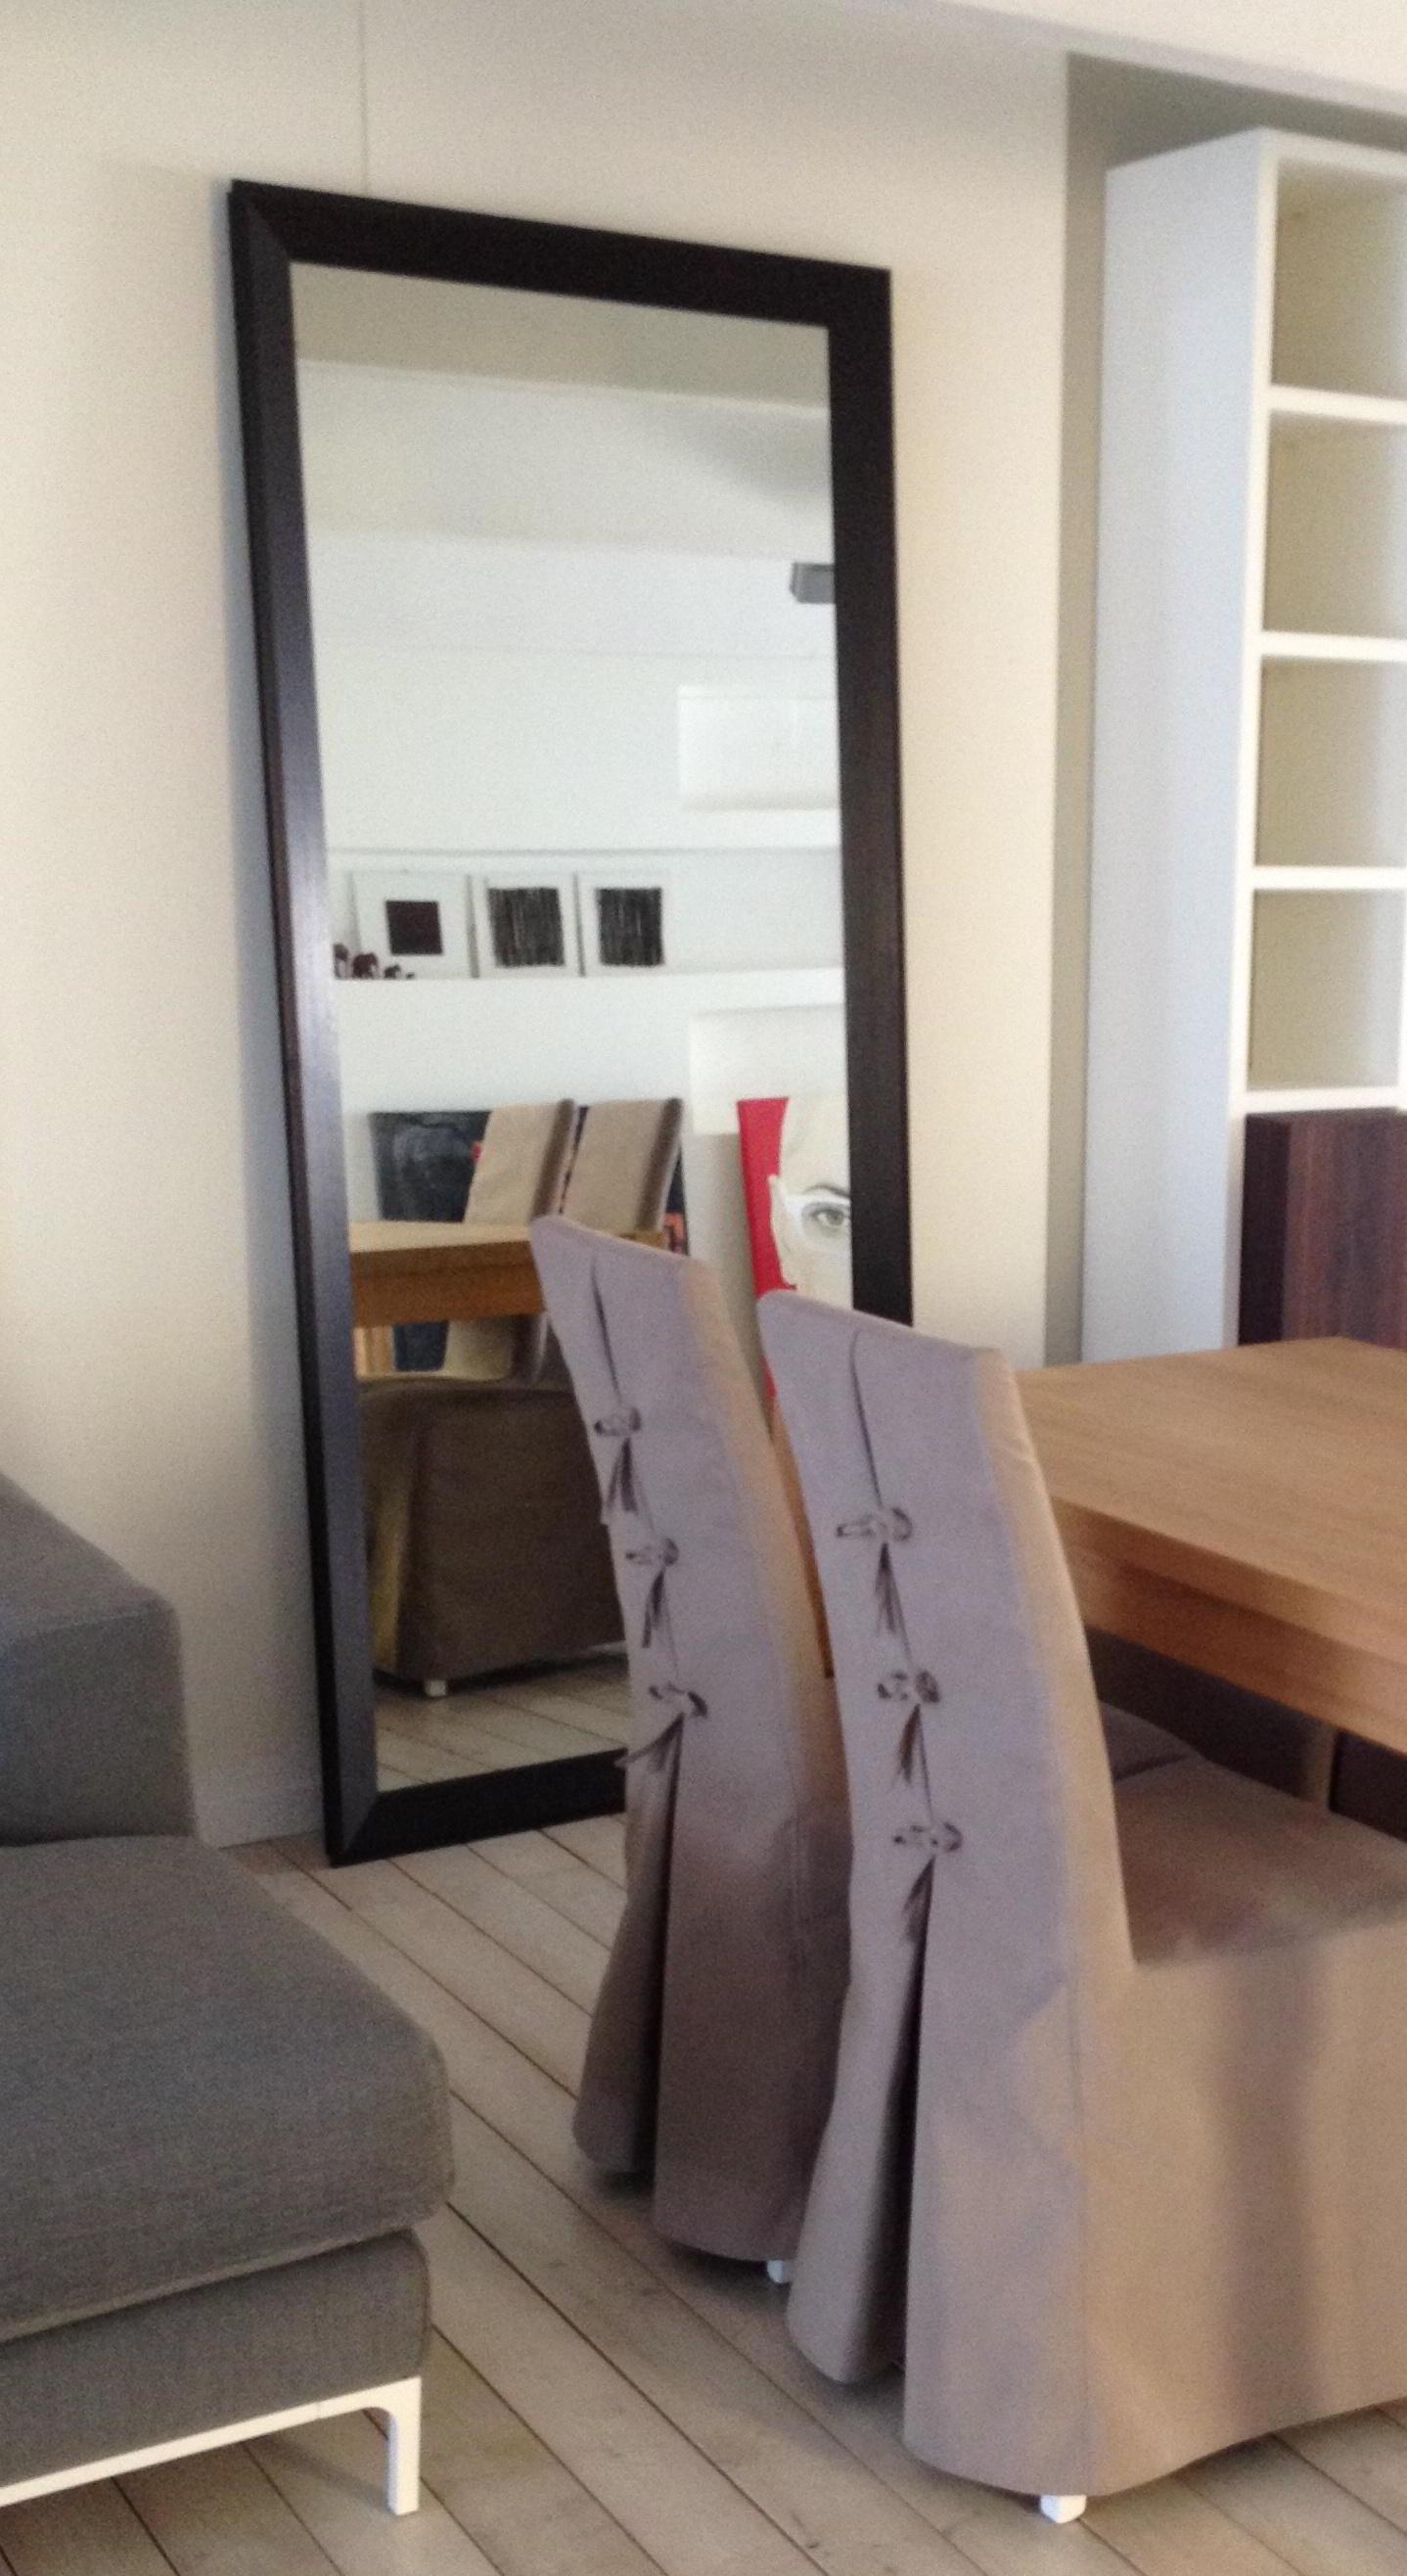 Occasione specchio con cornice in legno weng for Specchio wenge